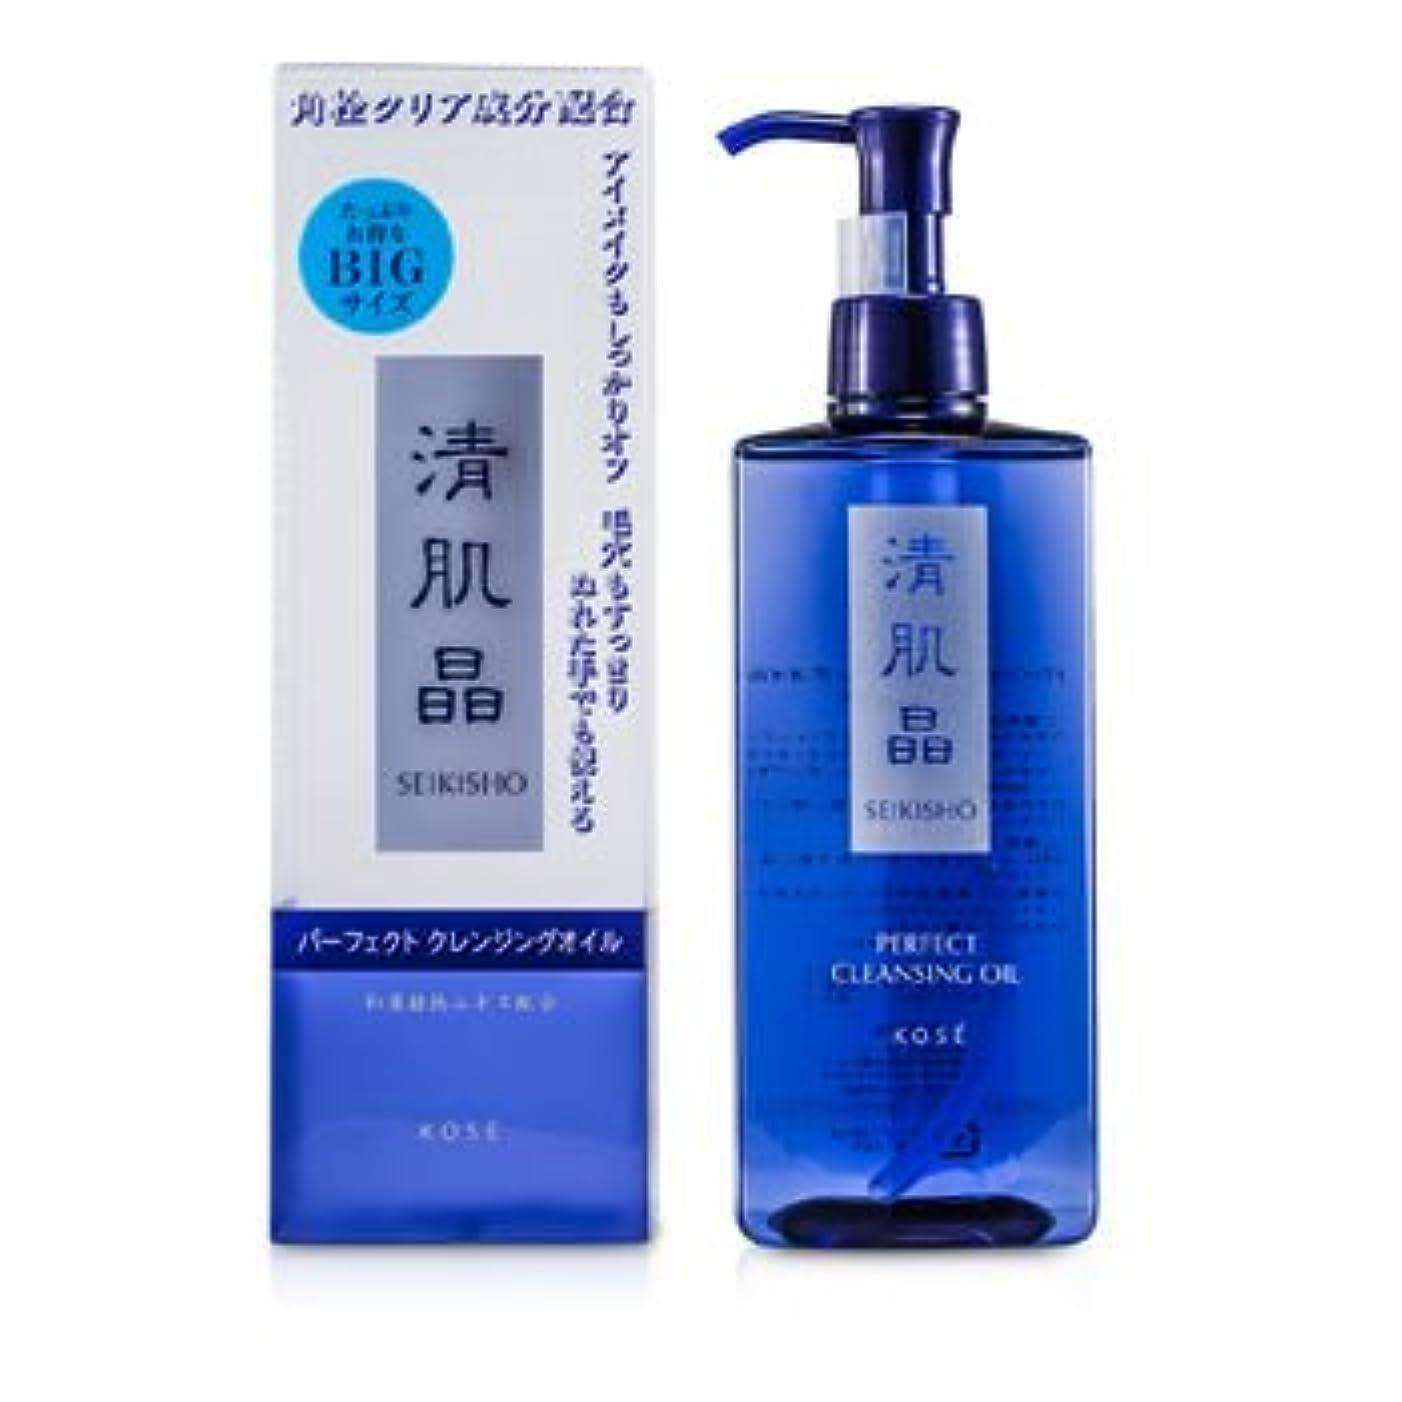 契約群集暗殺者コーセー Seikisho Perfect Cleansing Oil 330ml/11oz並行輸入品